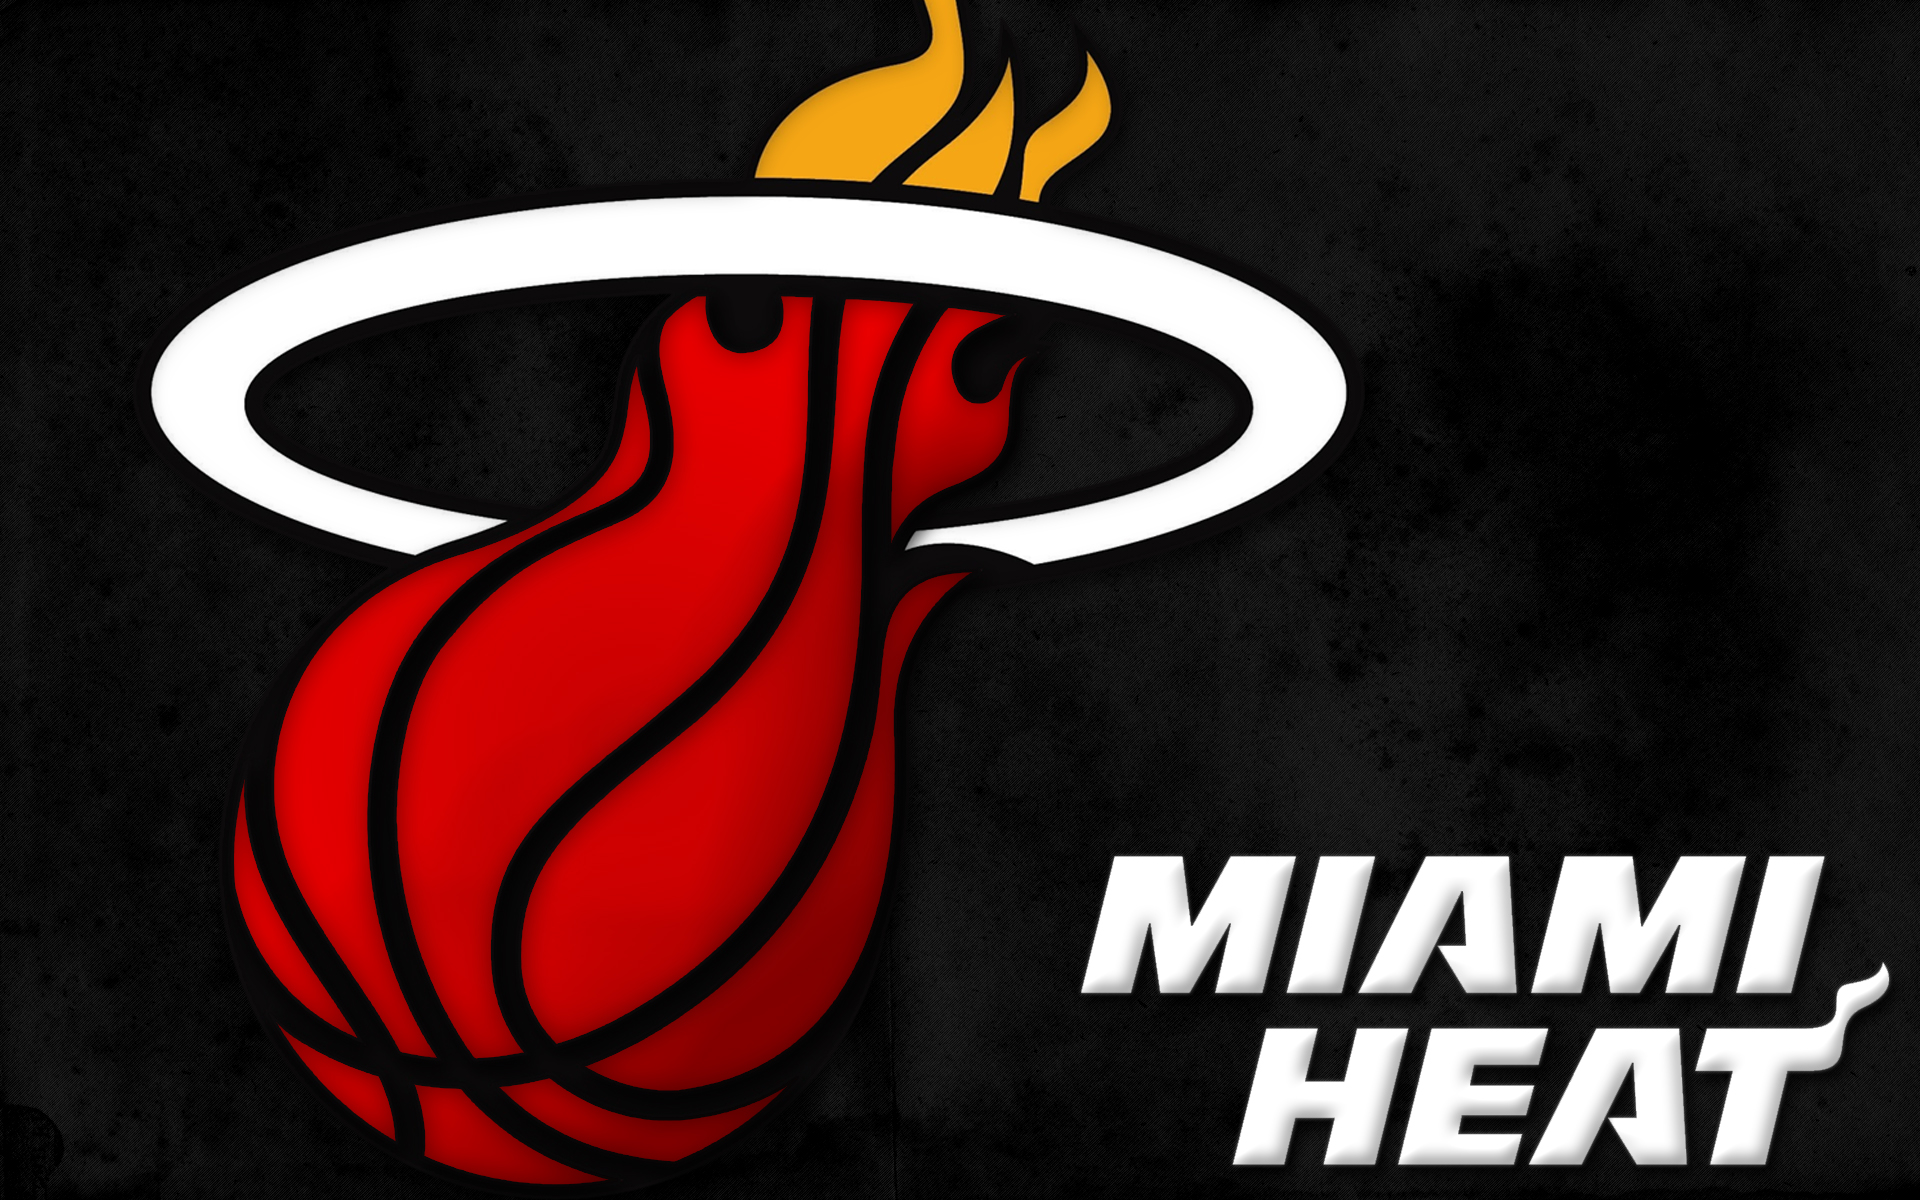 miami heat nba club 1920x1200 wallpaper Miami Heat HD Wallpaper 1920x1200